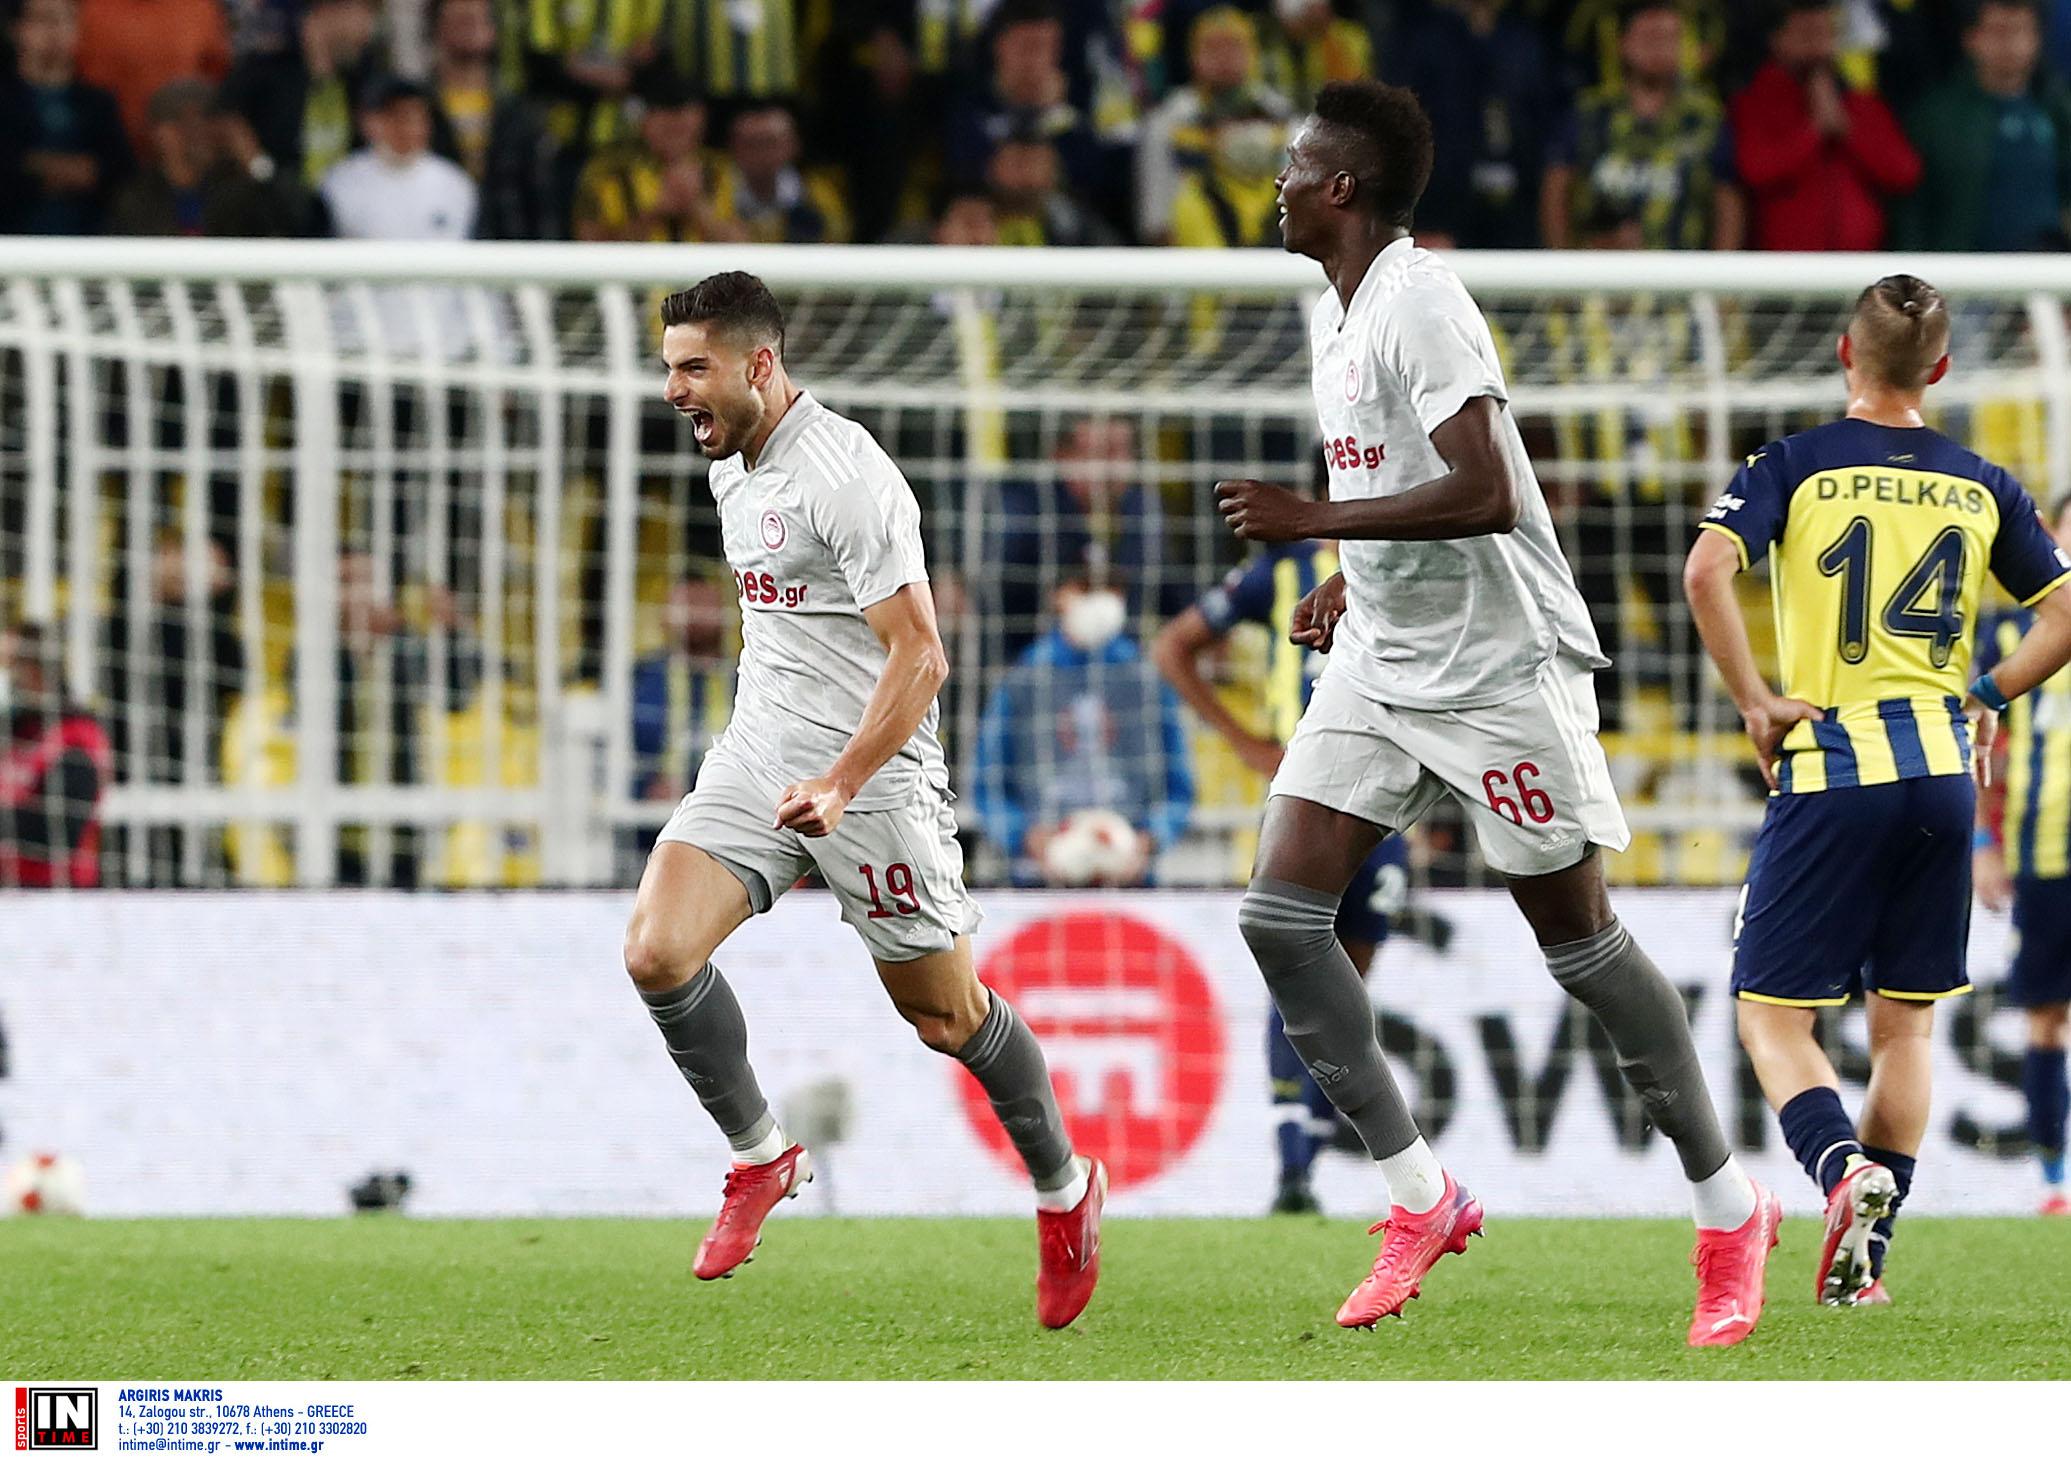 Europa League, Φενέρμπαχτσε – Ολυμπιακός 0-3: «Πορθητής» με Μασούρα